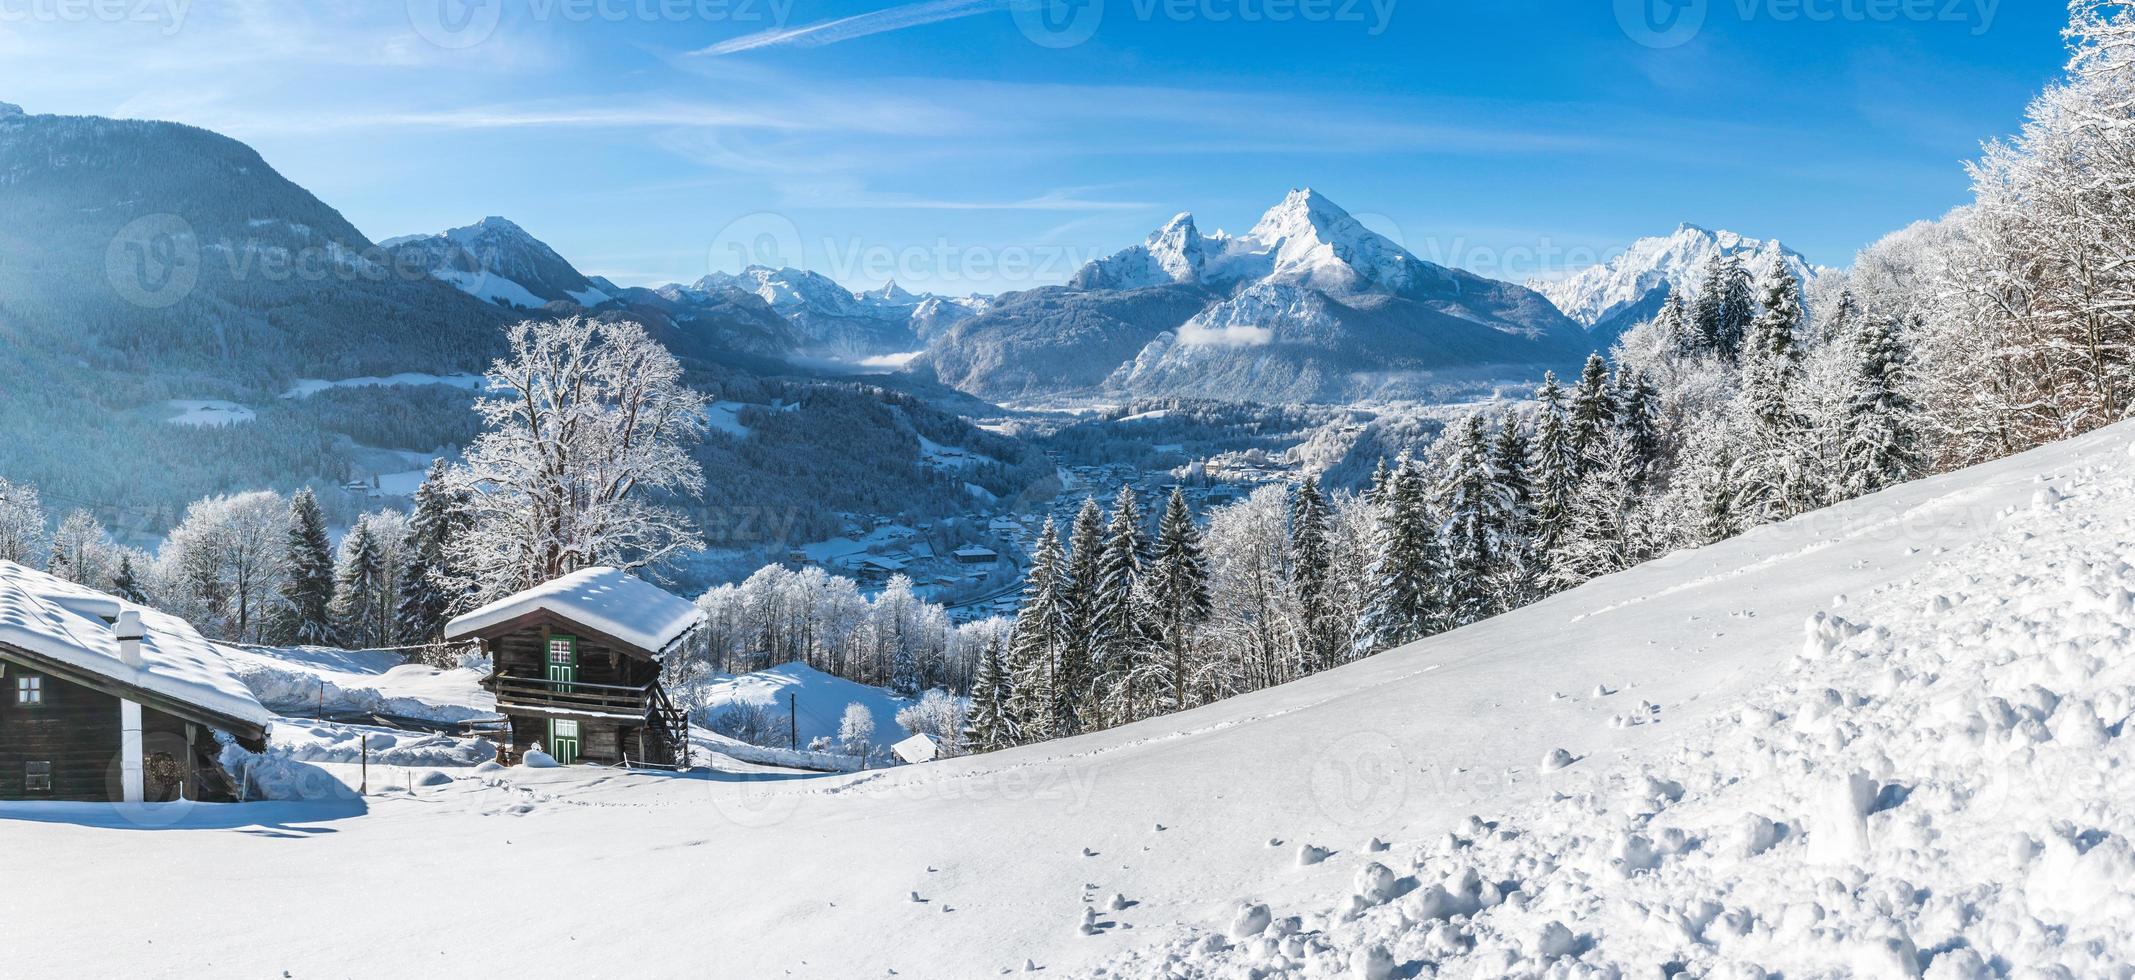 idylliskt landskap i de bayerska alperna, berchtesgaden, Tyskland foto